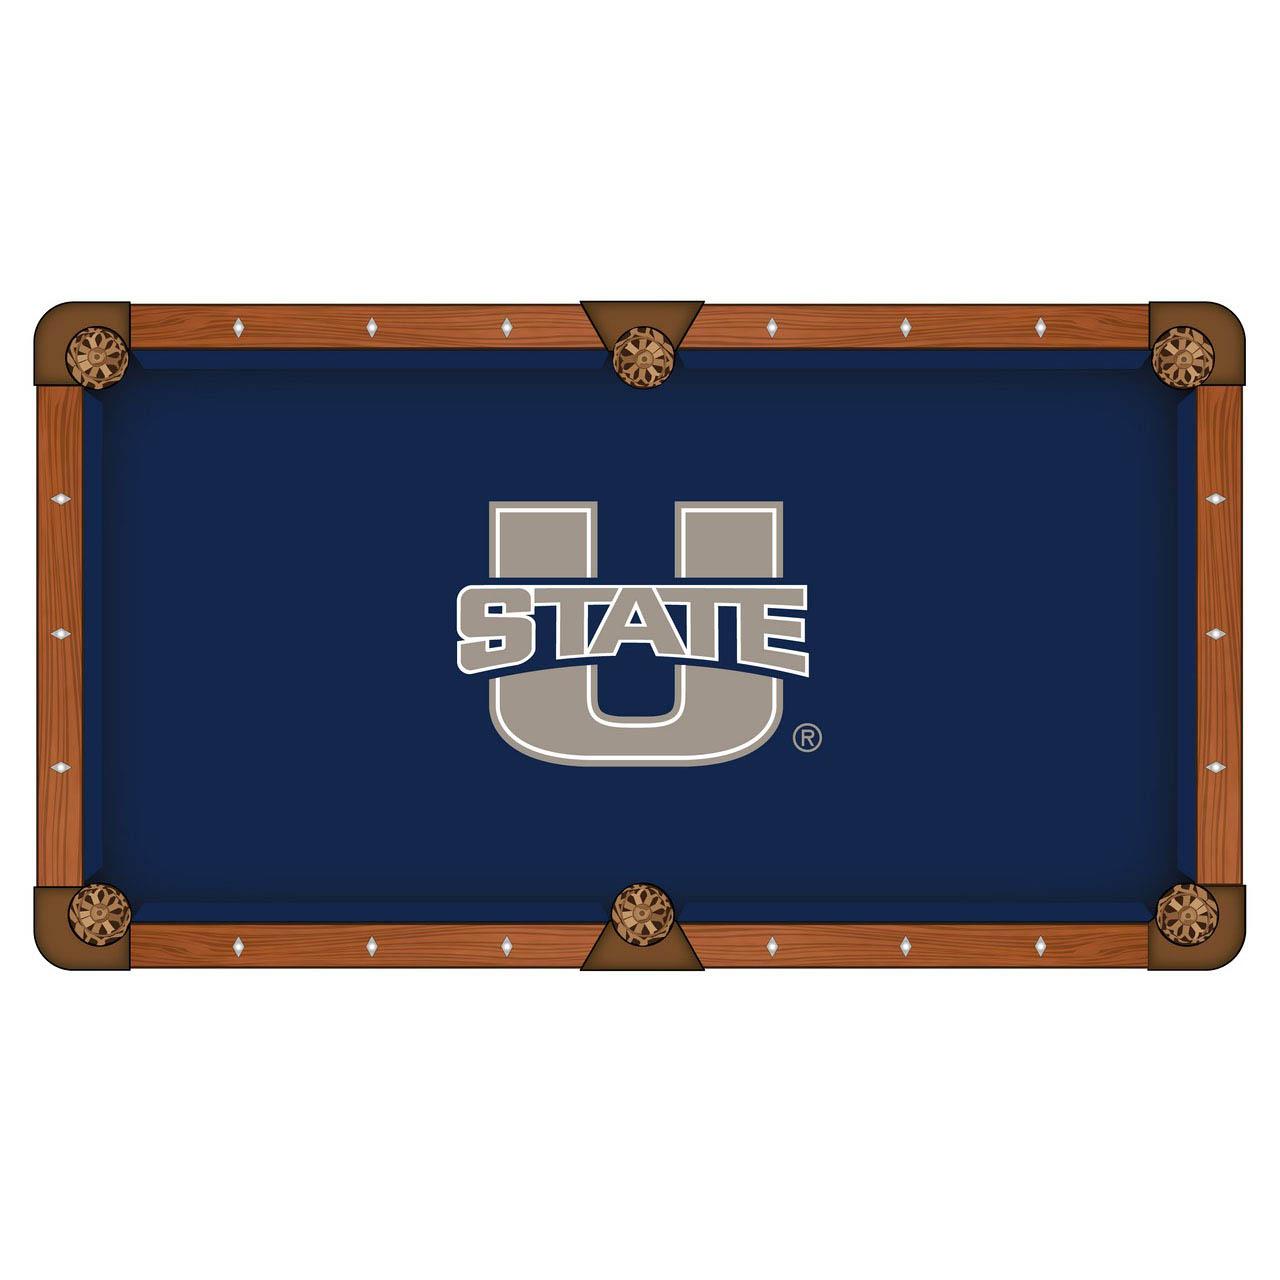 Splendid Utah State University Pool Table Cloth Product Photo